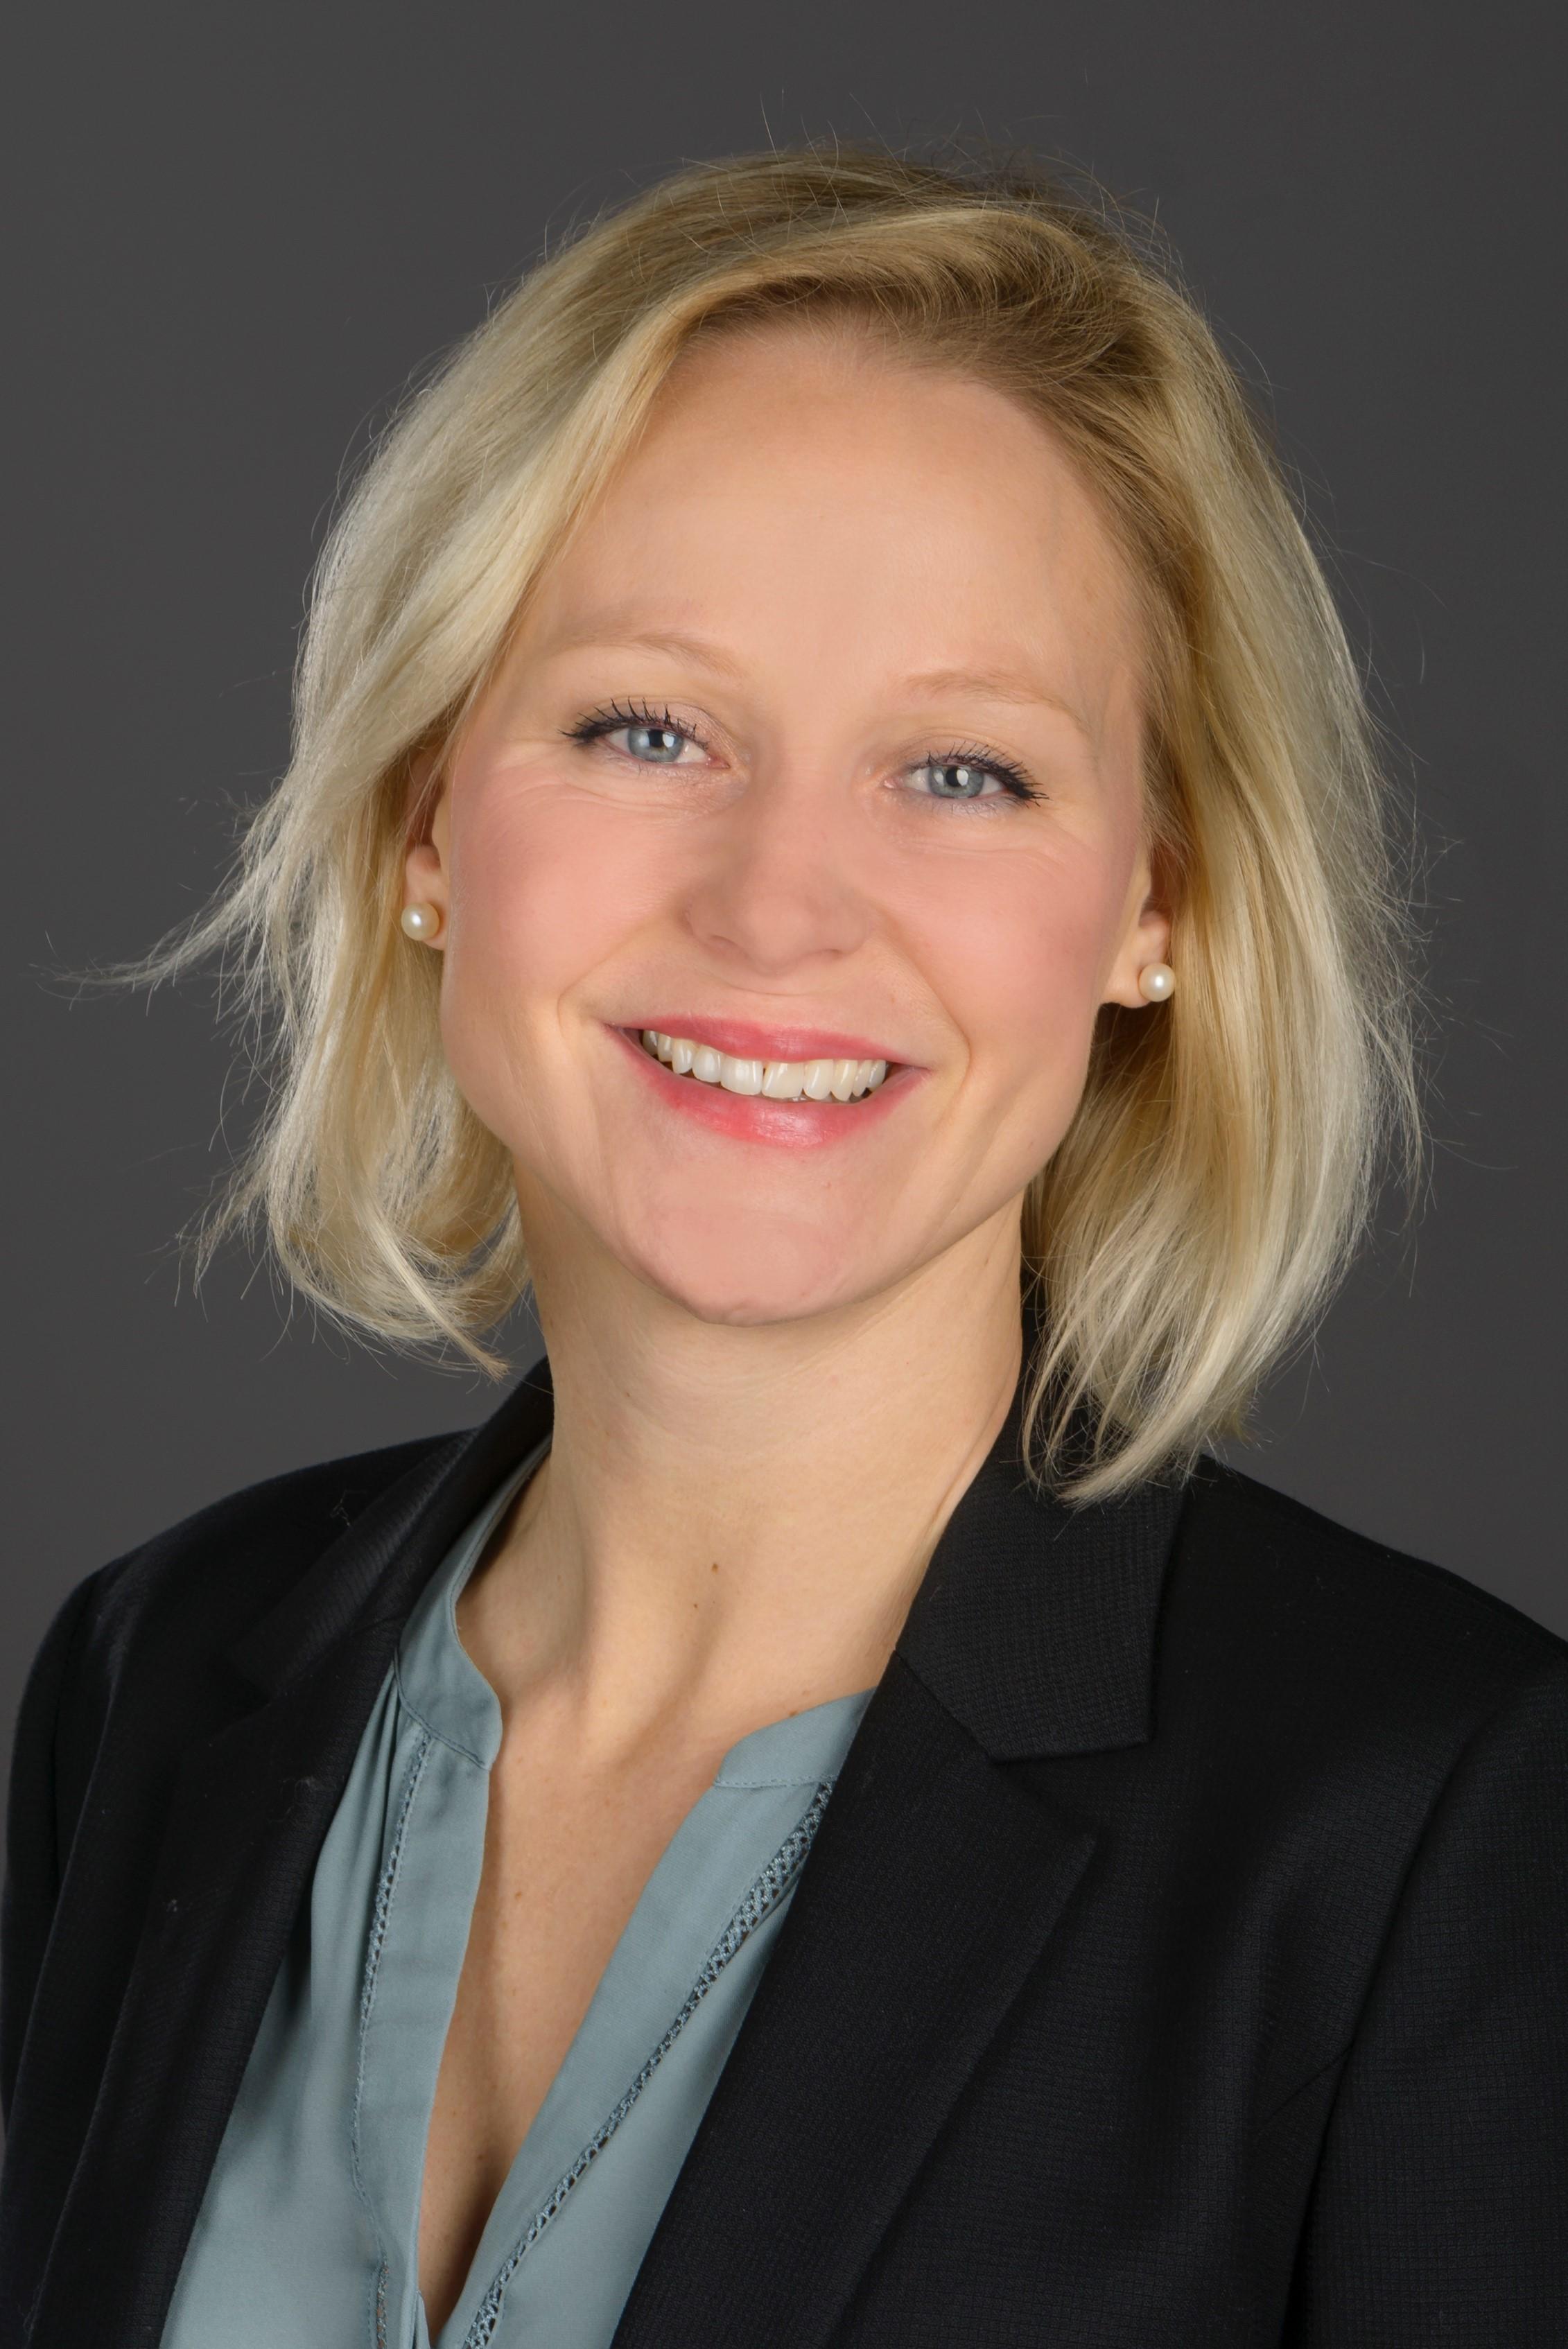 Nicola Heffron